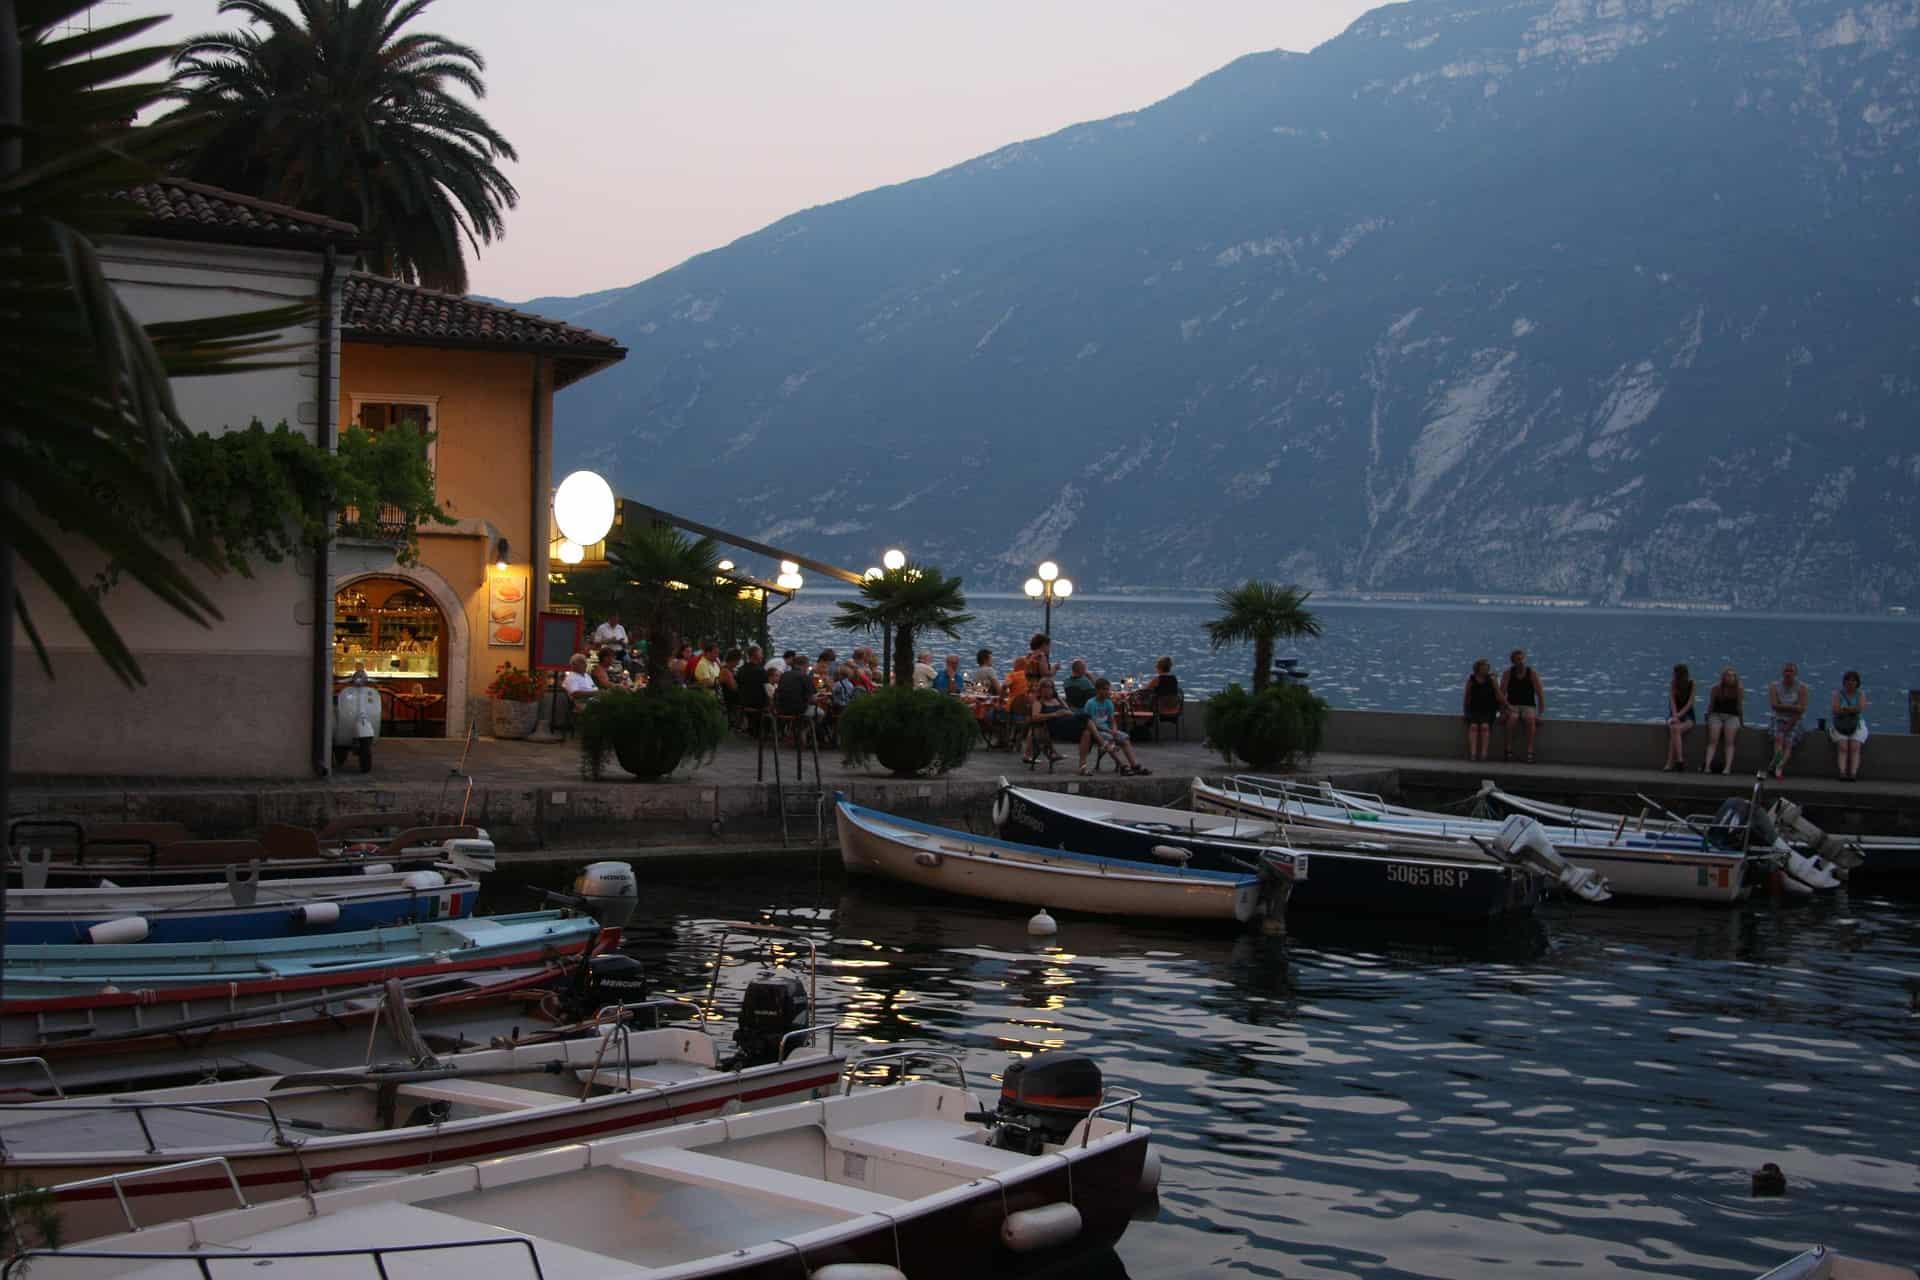 An der Riva de Garda sammeln sich vorallem jüngere Urlauber aus der Region